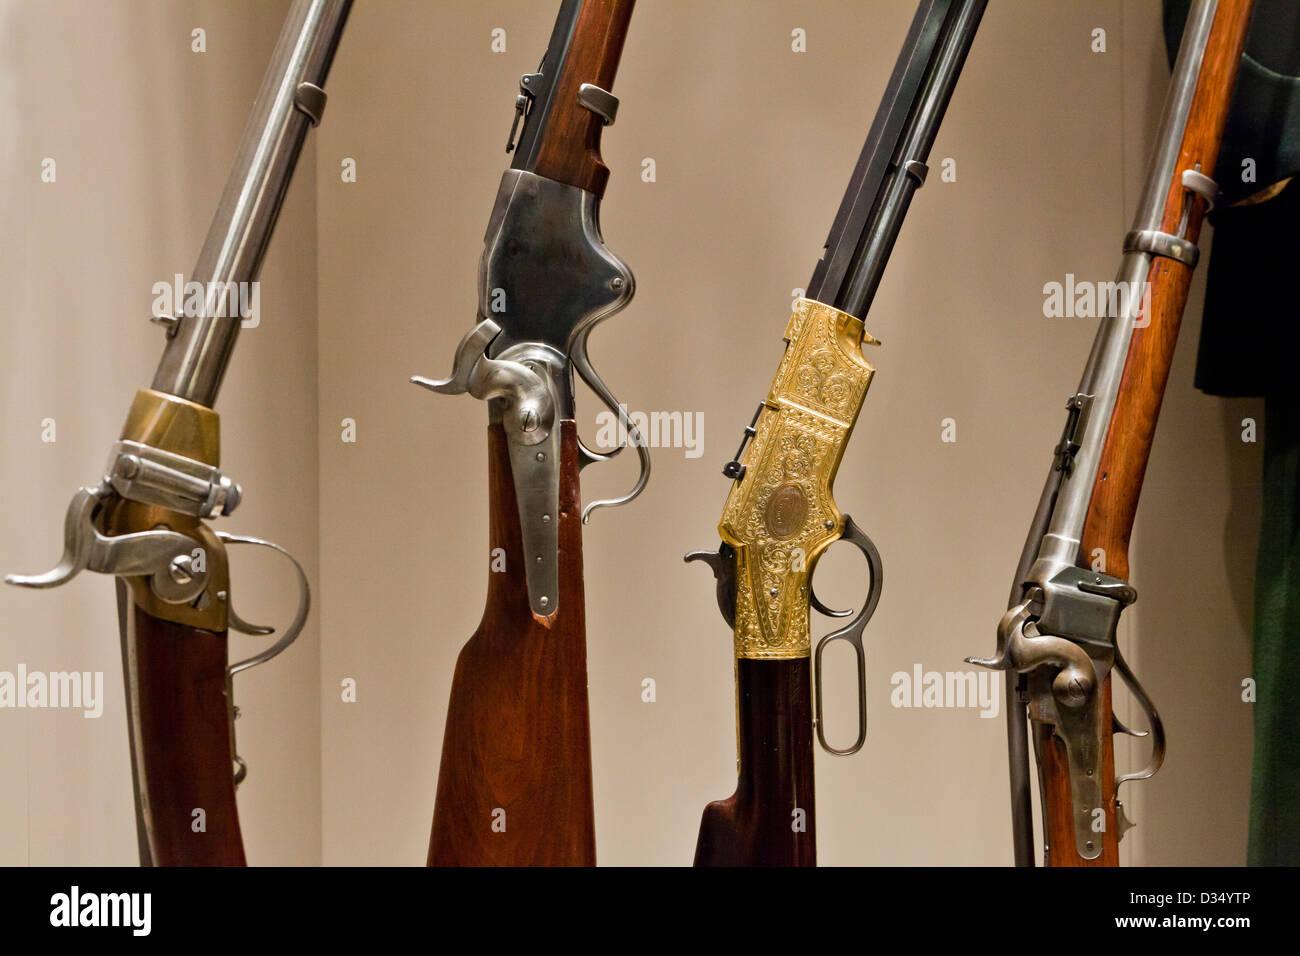 American Civil War era rifles - Stock Image